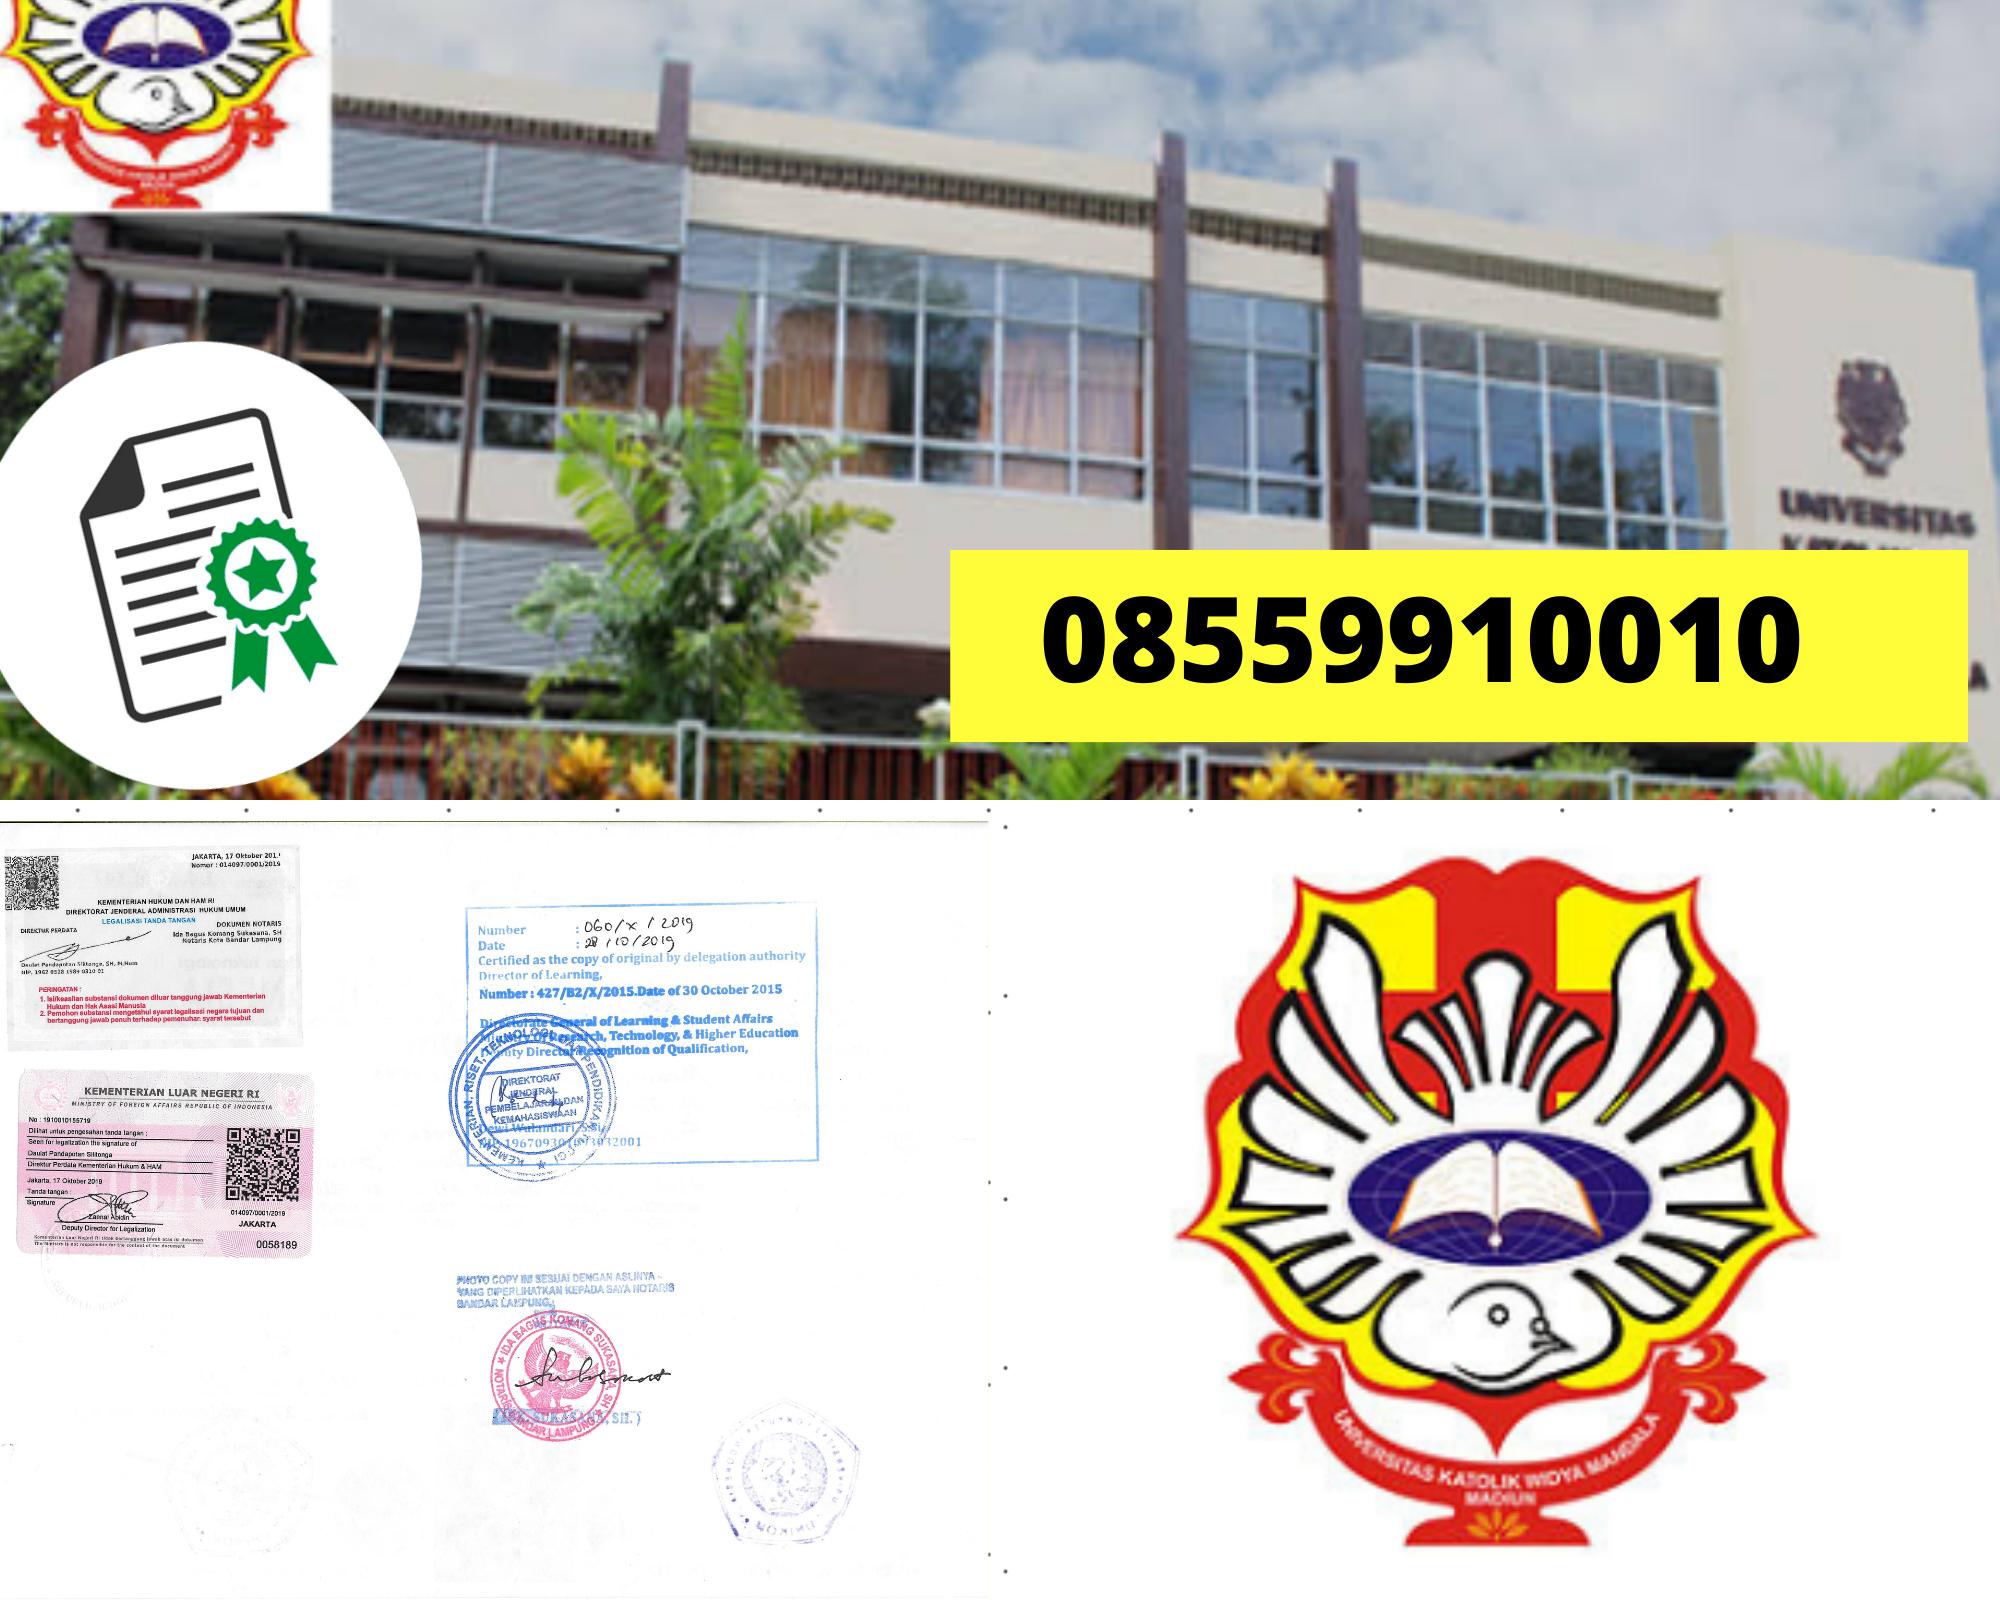 Legalisir Ijazah Universitas Katolik Widya Mandala Madiun Di Kemenristek Dikti || 08559910010